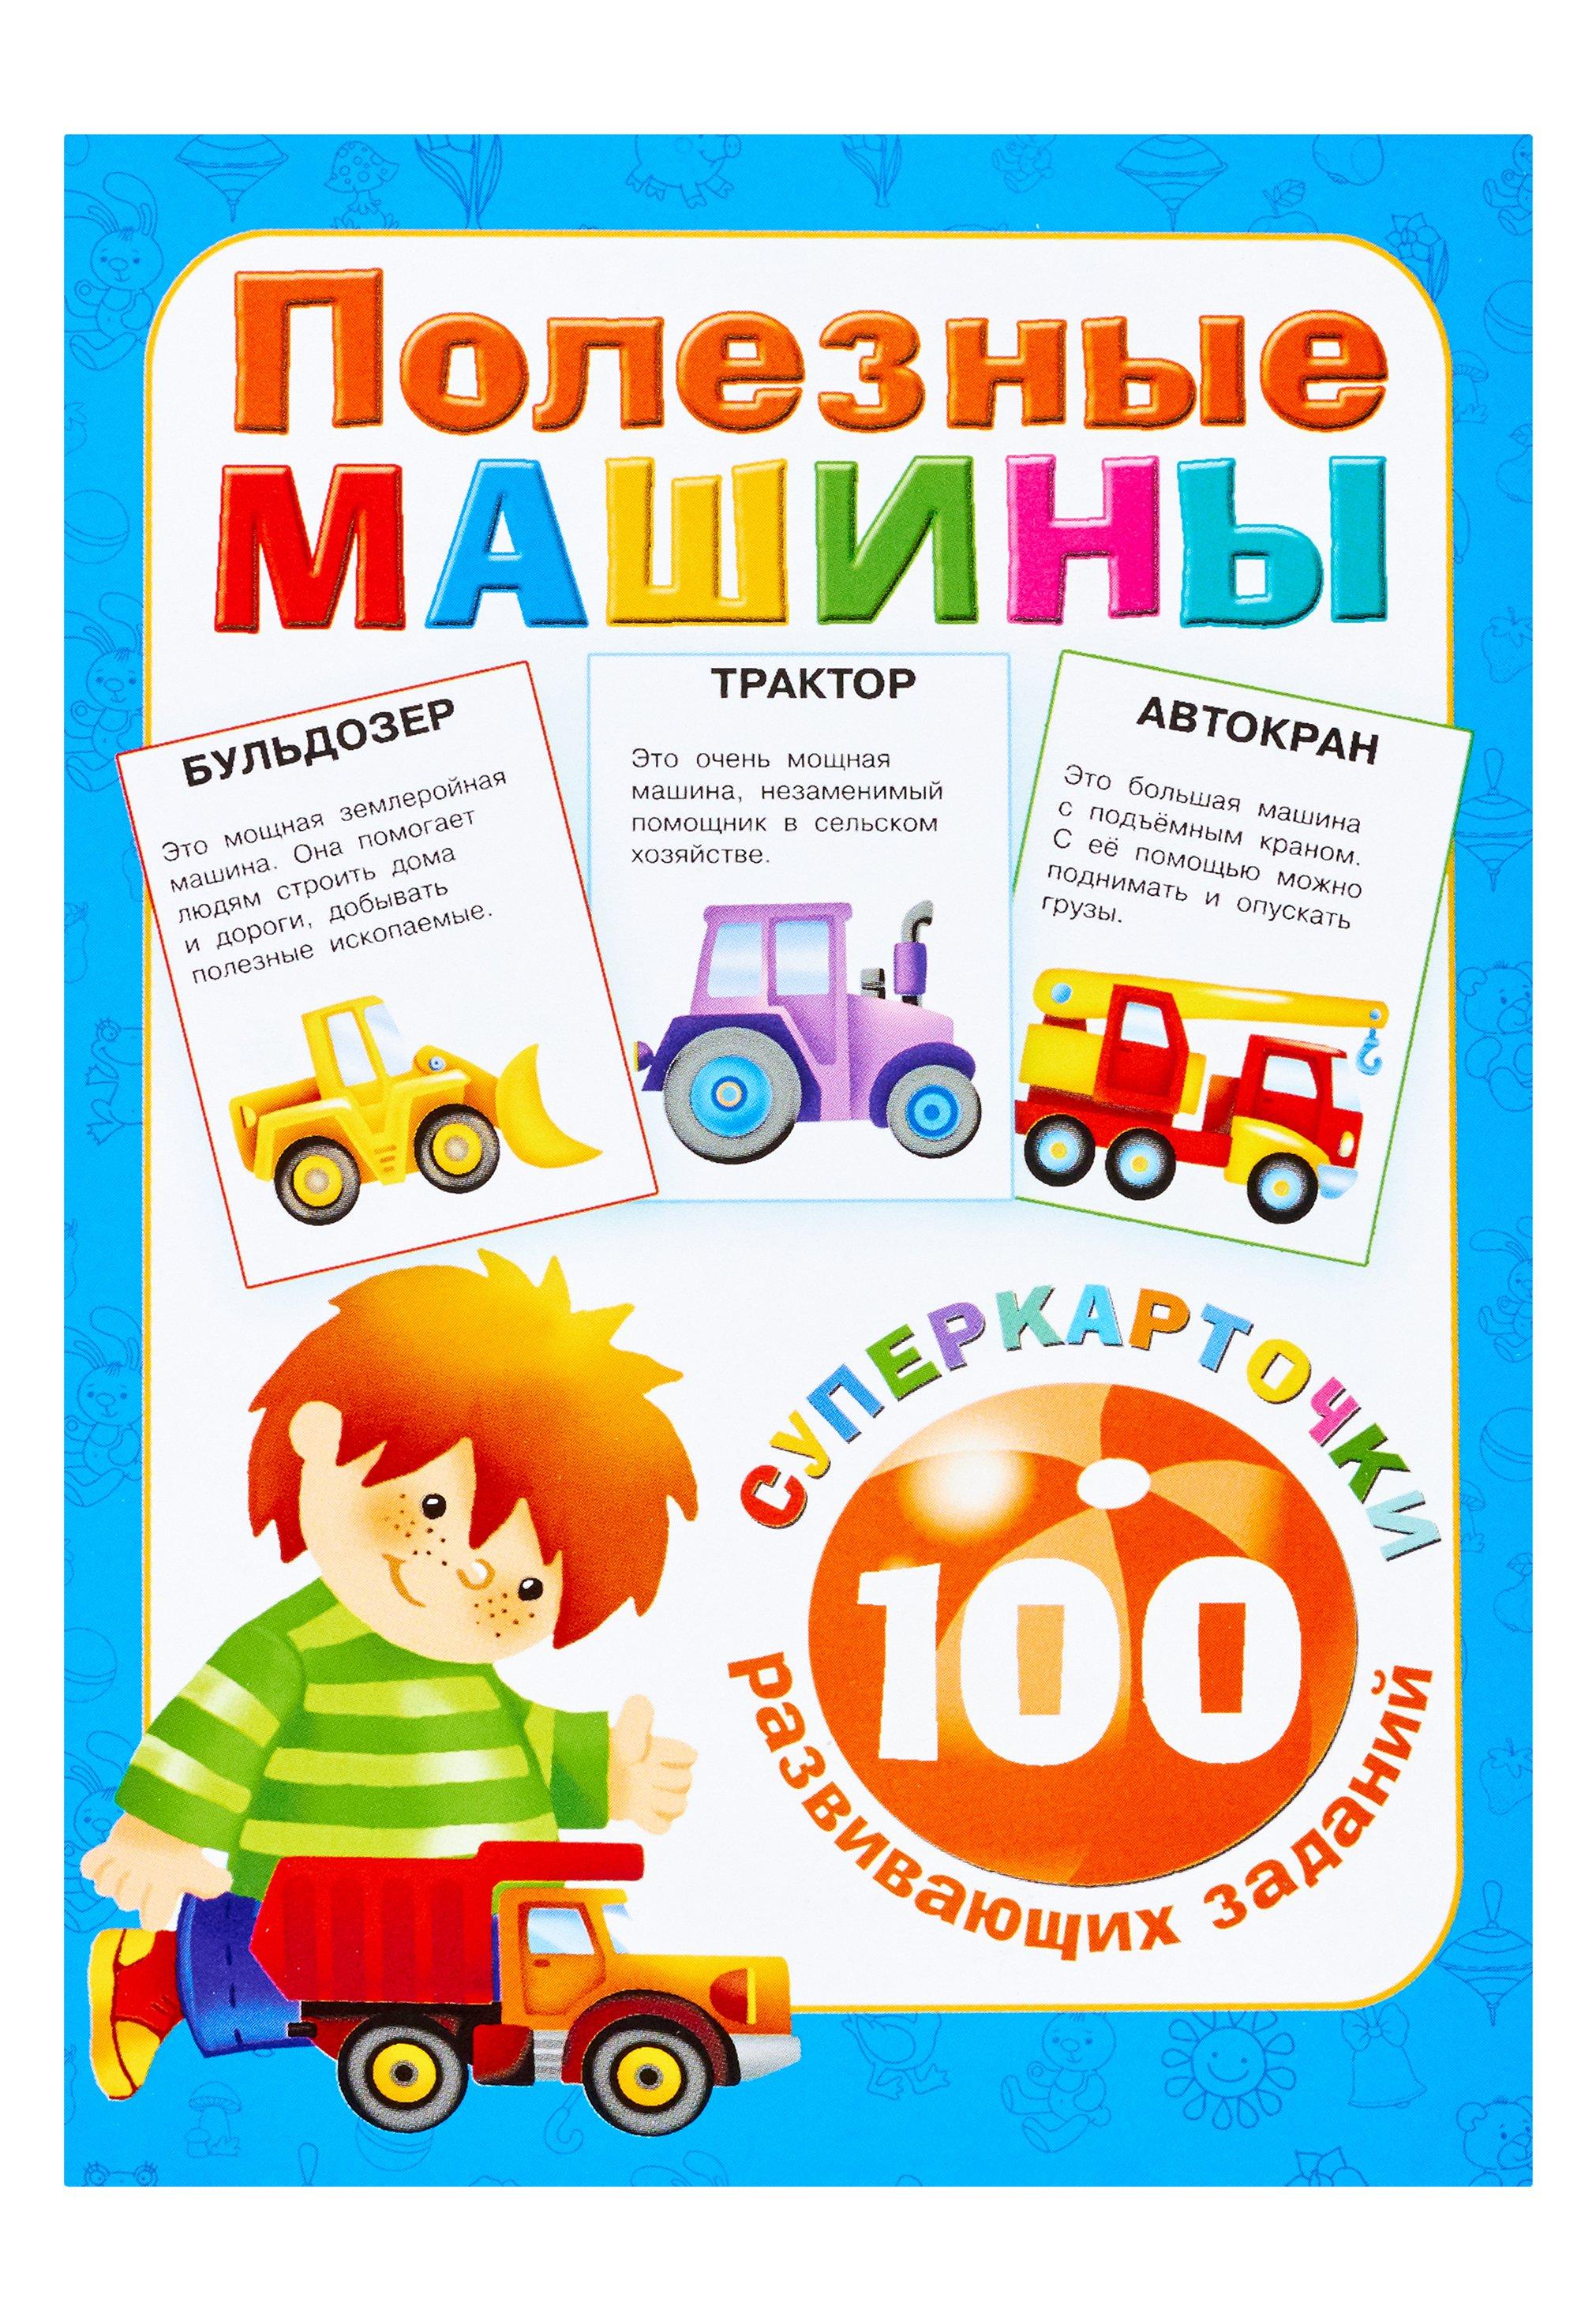 Дмитриева В.Г. Полезные машины антонов с худ полезные машины раскраска для мальчиков